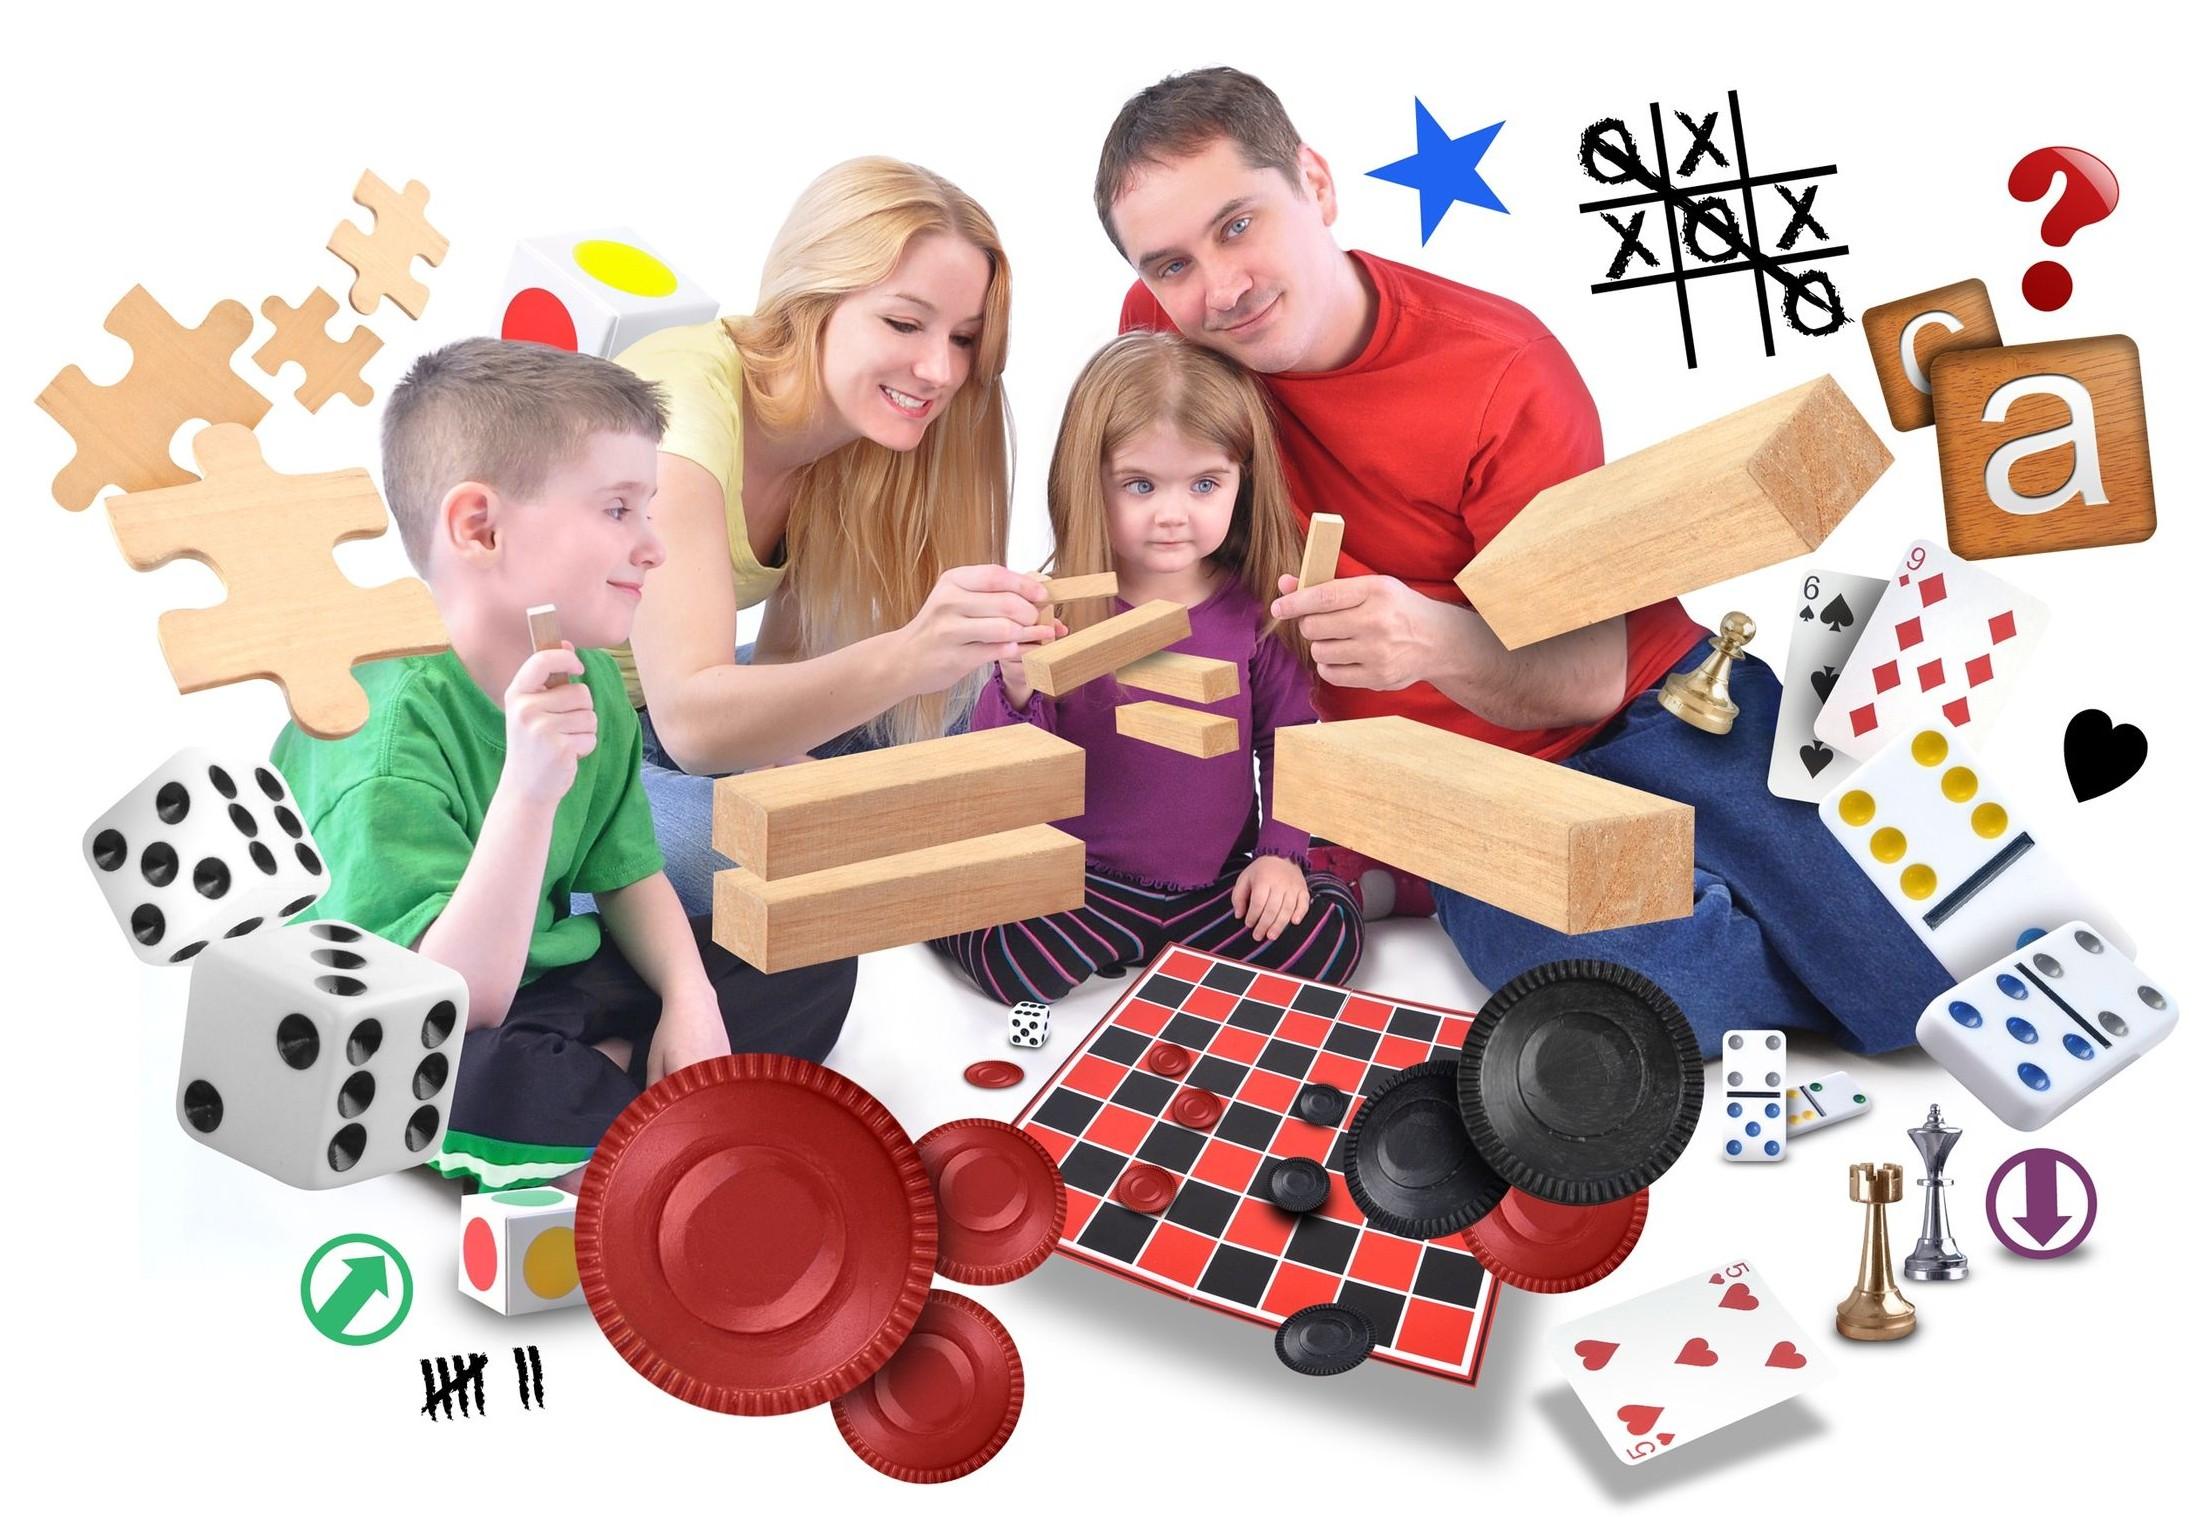 Сбор заказов. Настольные игры для всей семьи по самым низким ценам:шахматы,нарды,шашки,лото,домино,Уно, Мафия,Крокодил и пр. Выкуп 3.